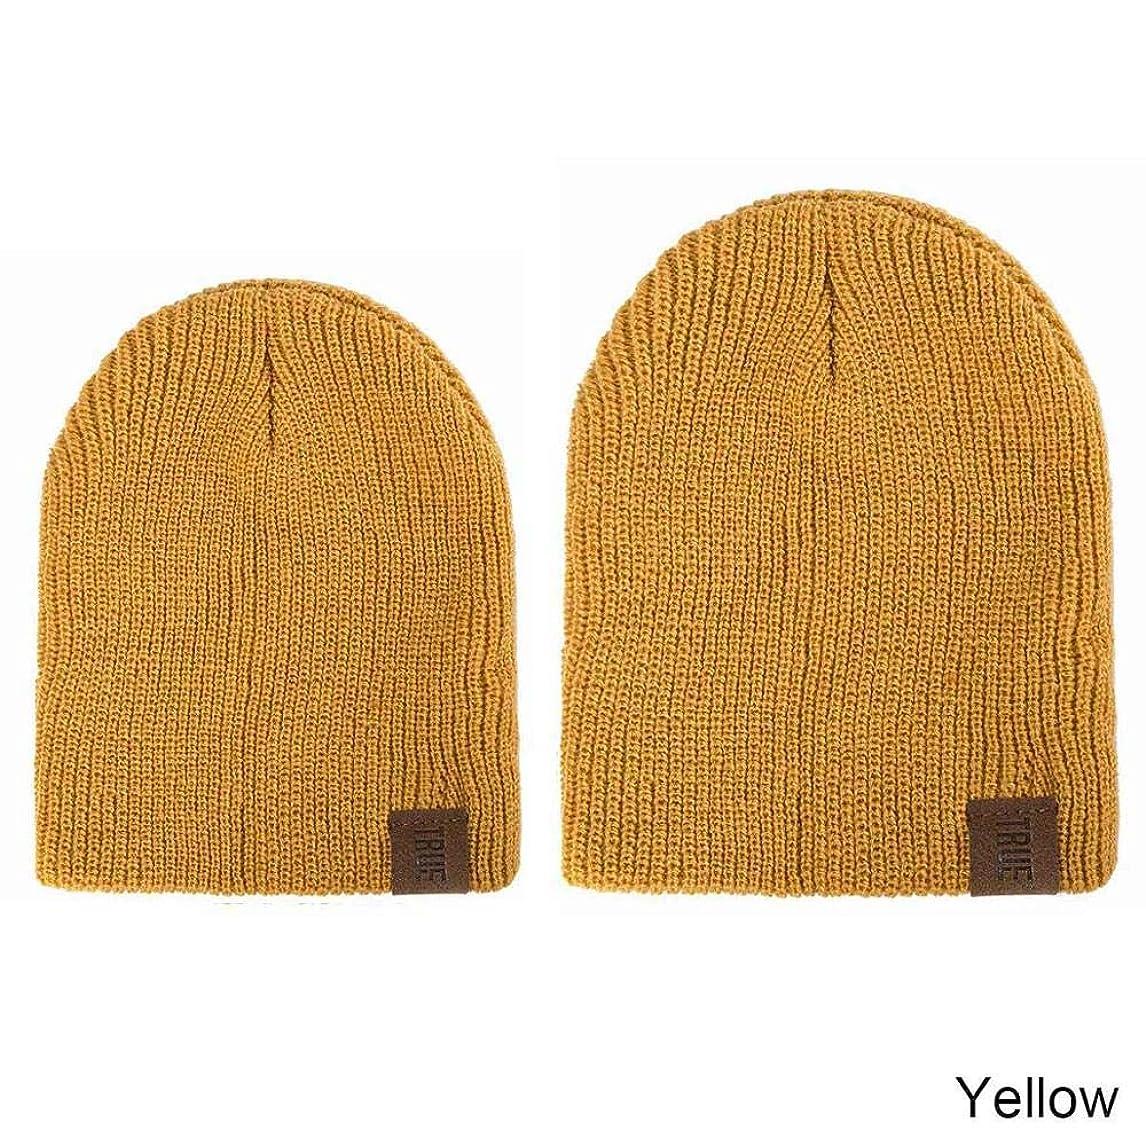 仲間、同僚バトル風DMROLES 冬ベビー帽子少年少女のため両親子供ビーニー暖かいキャップ女性 Skullies 子供帽子ニット綿固体男キャップ